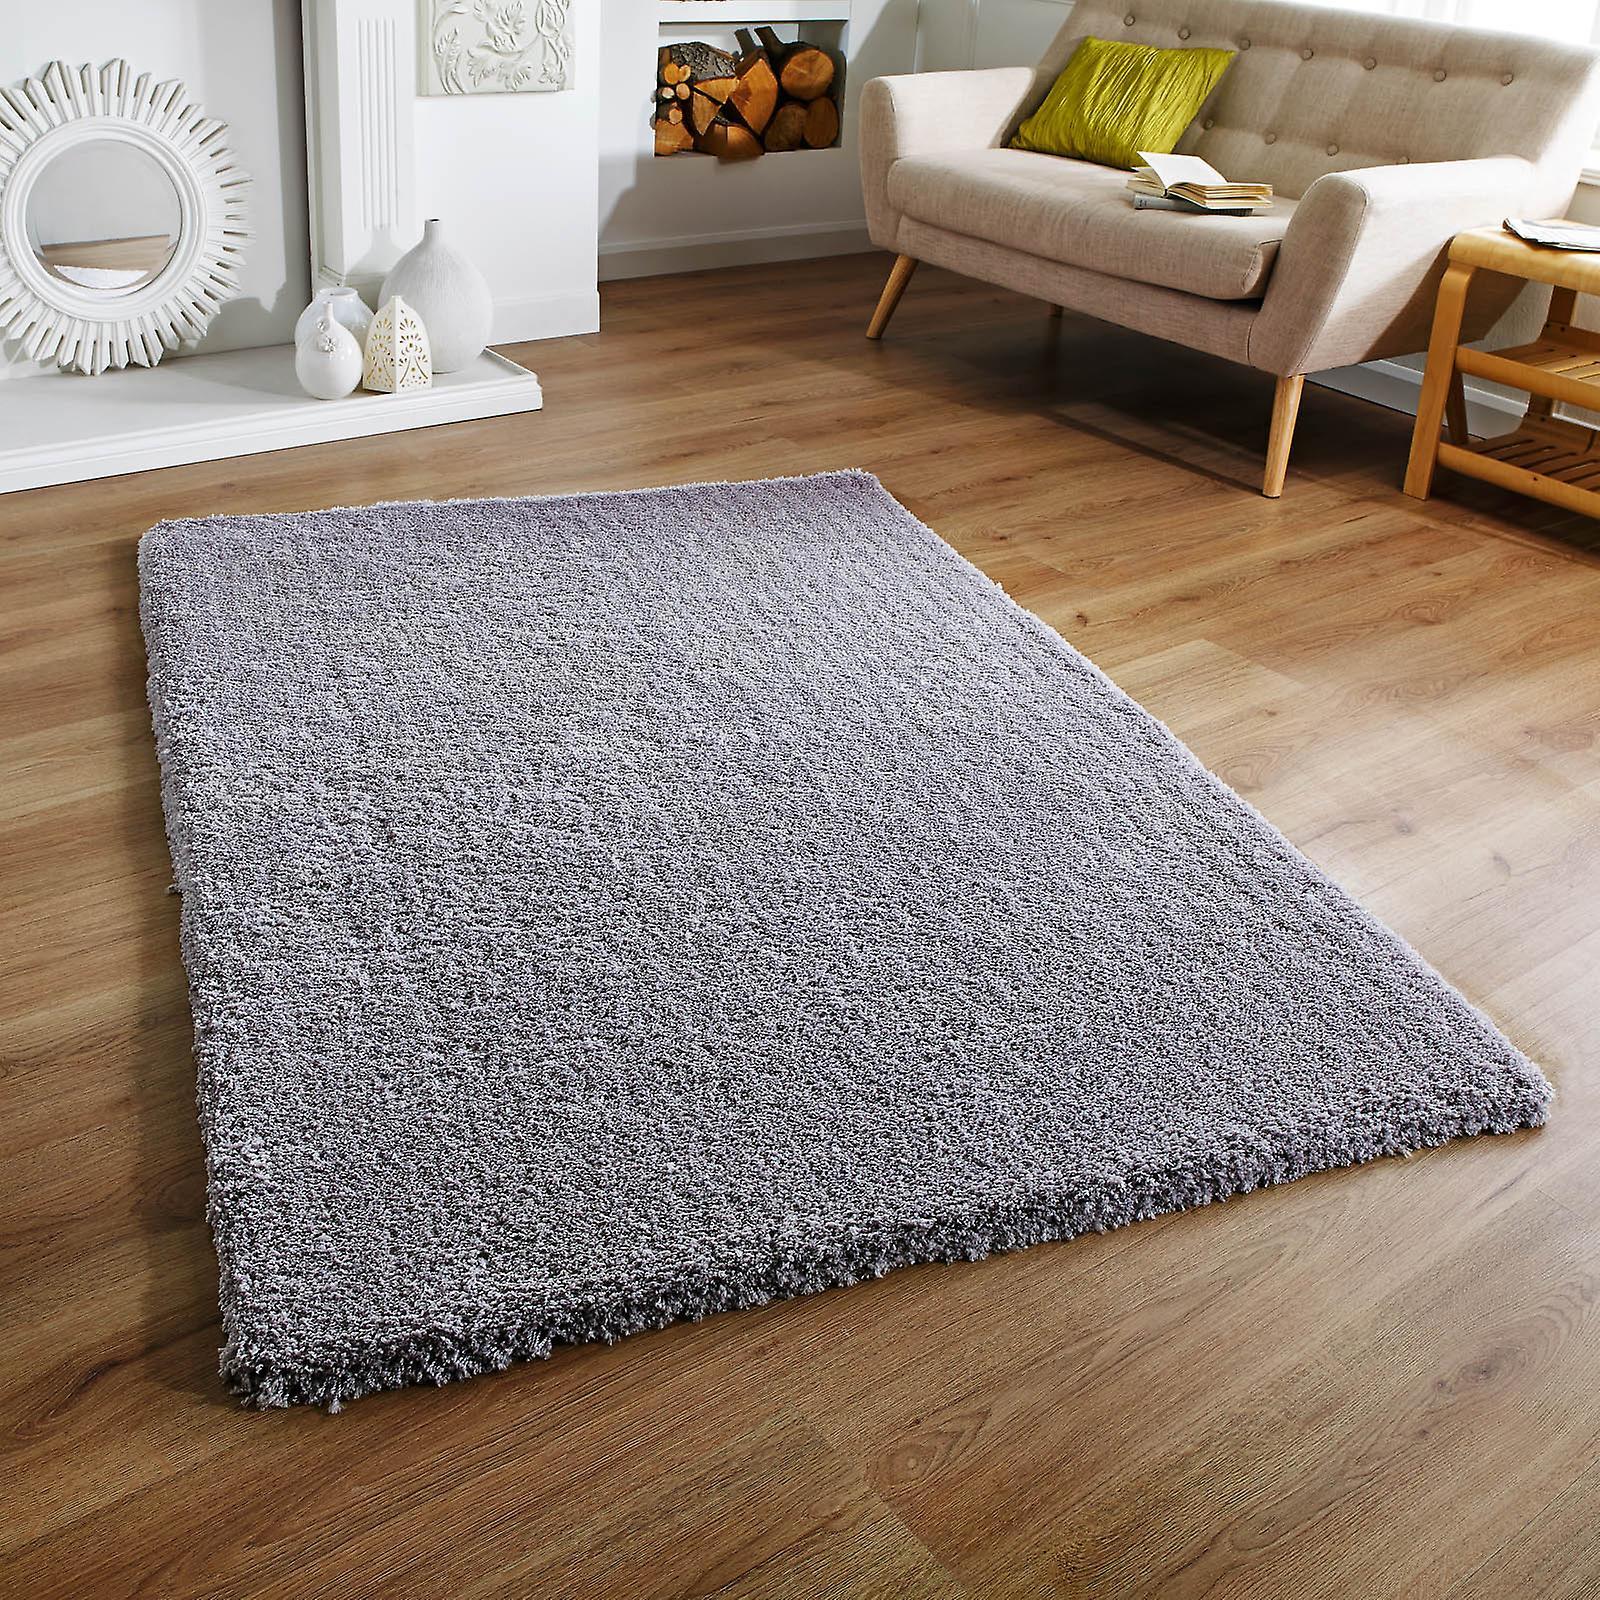 Douceur des tapis Shaggy gris